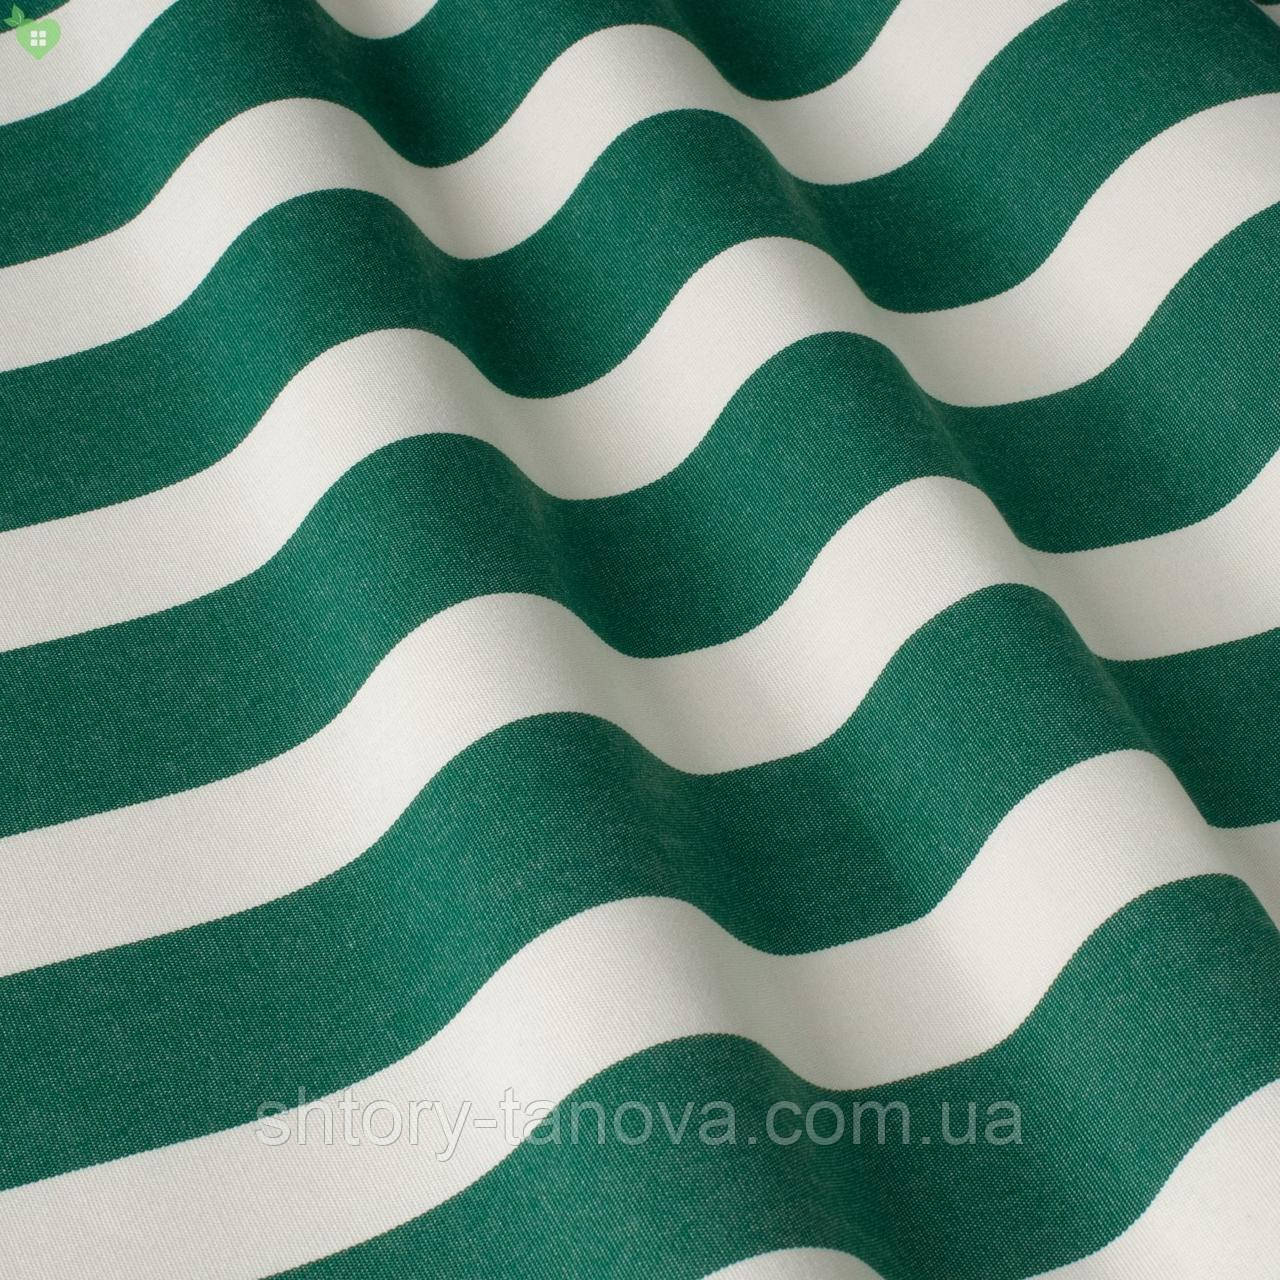 Уличная декоративная ткань в полоску белого и зеленого цвета